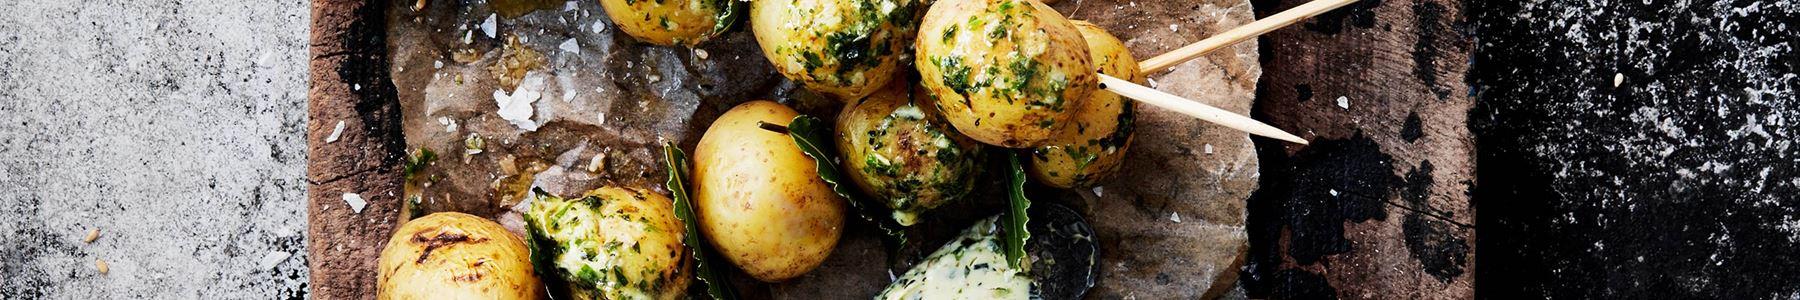 Potatis + Grill + Tillbehör